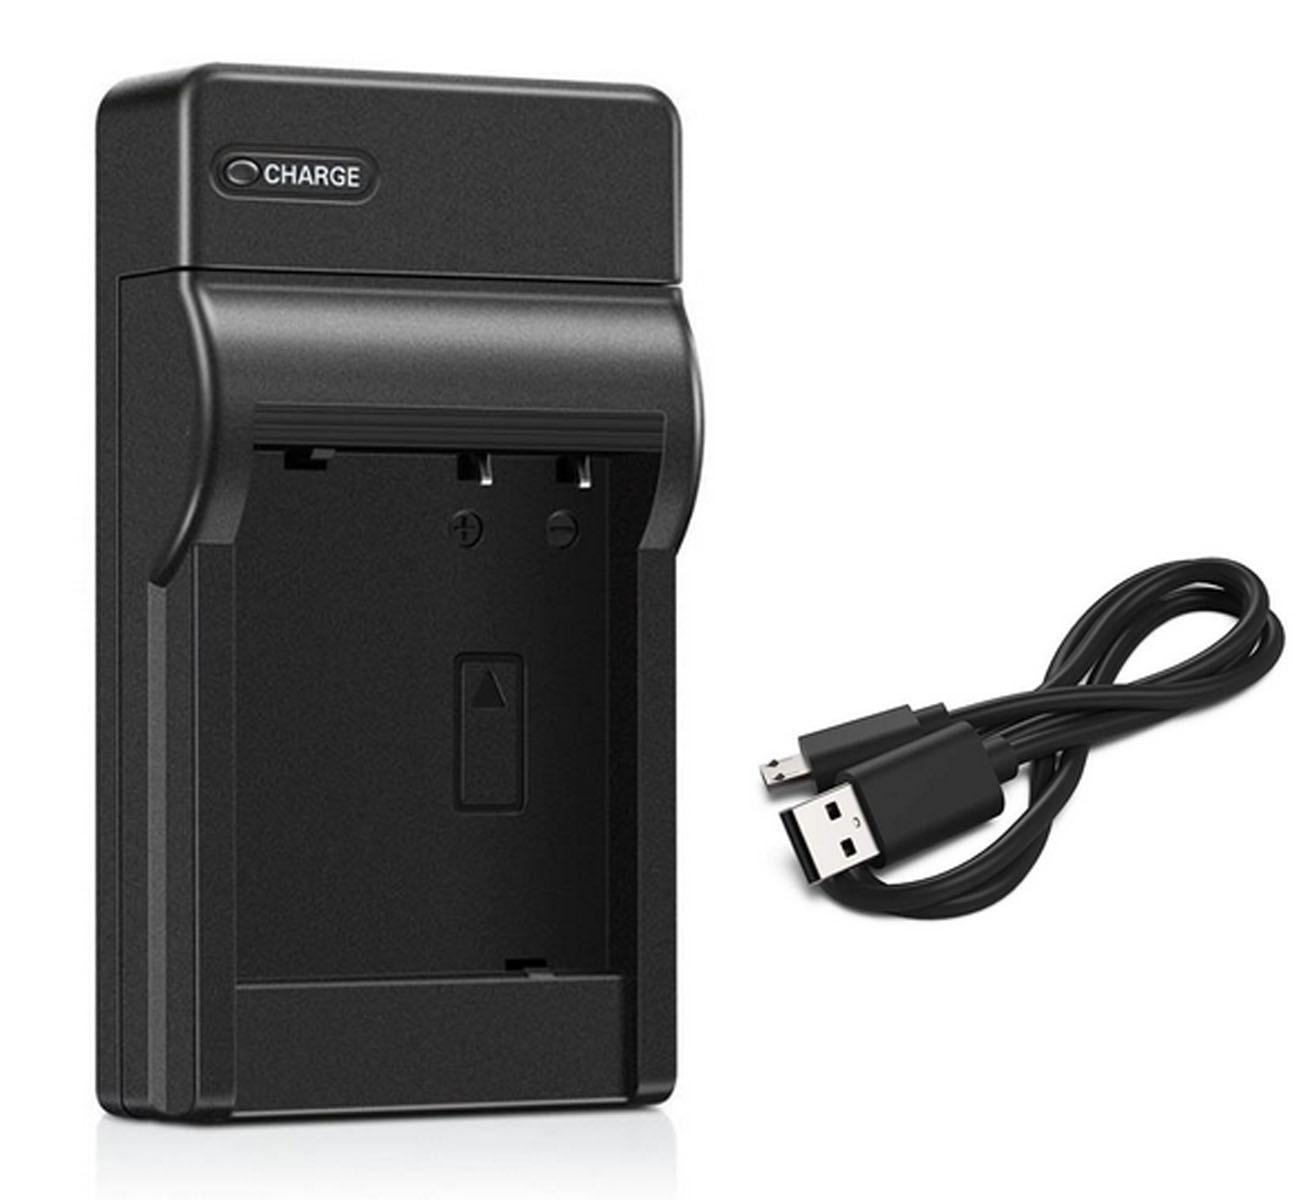 Battery Charger for JVC GZ-DF420, GR-DF430, GR-DF450, GR-DF470, GR-DF550, GR-DF570 Digital Video Cam